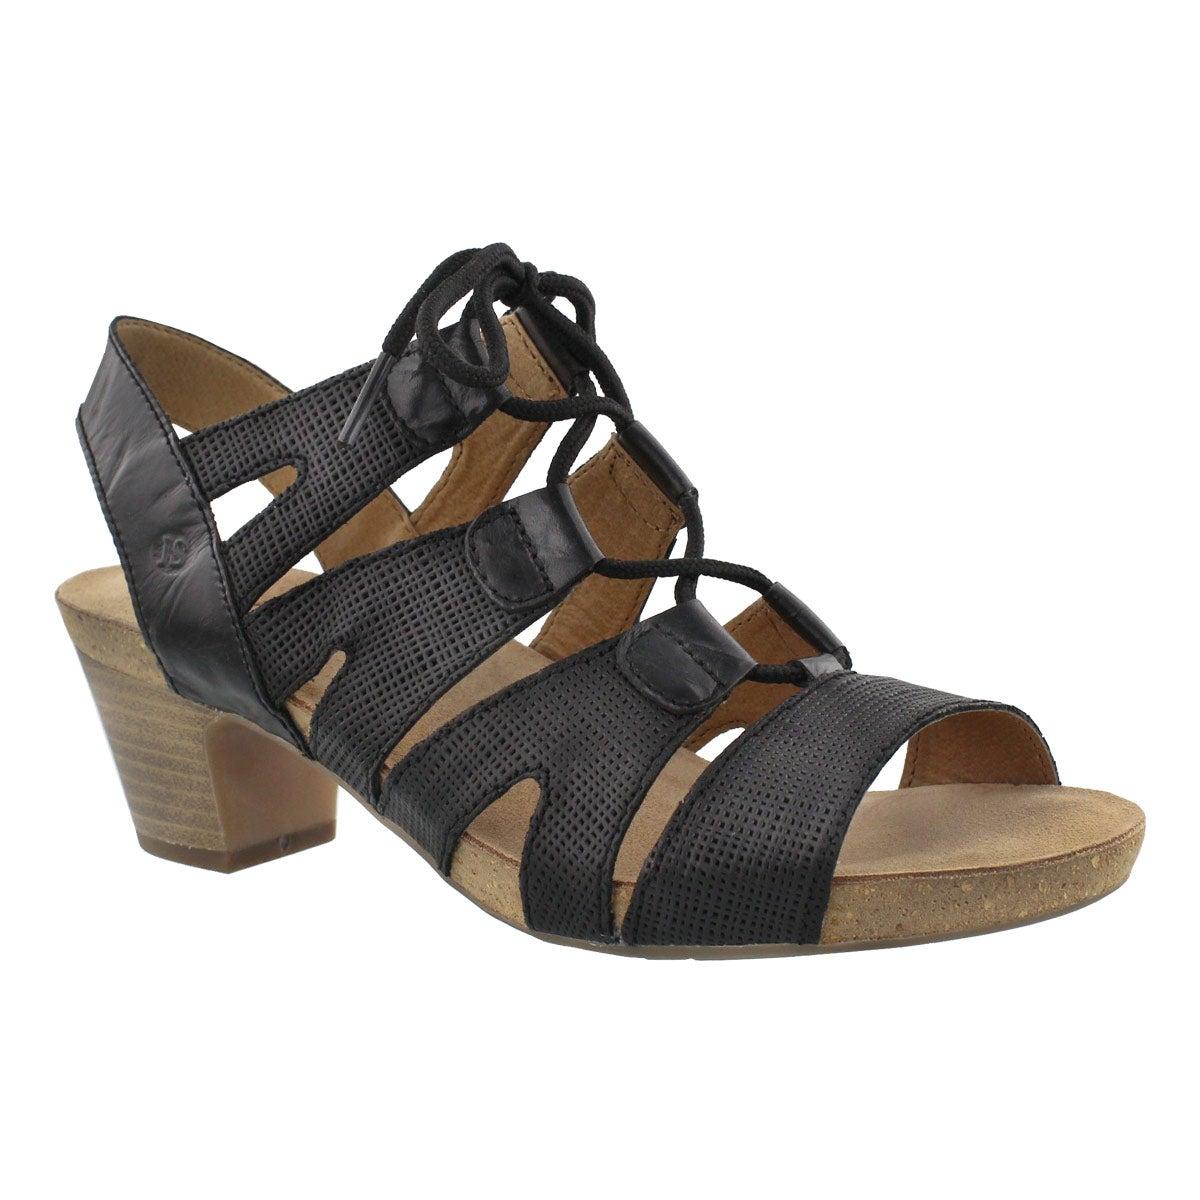 Women's RUTH 29 black dress sandals